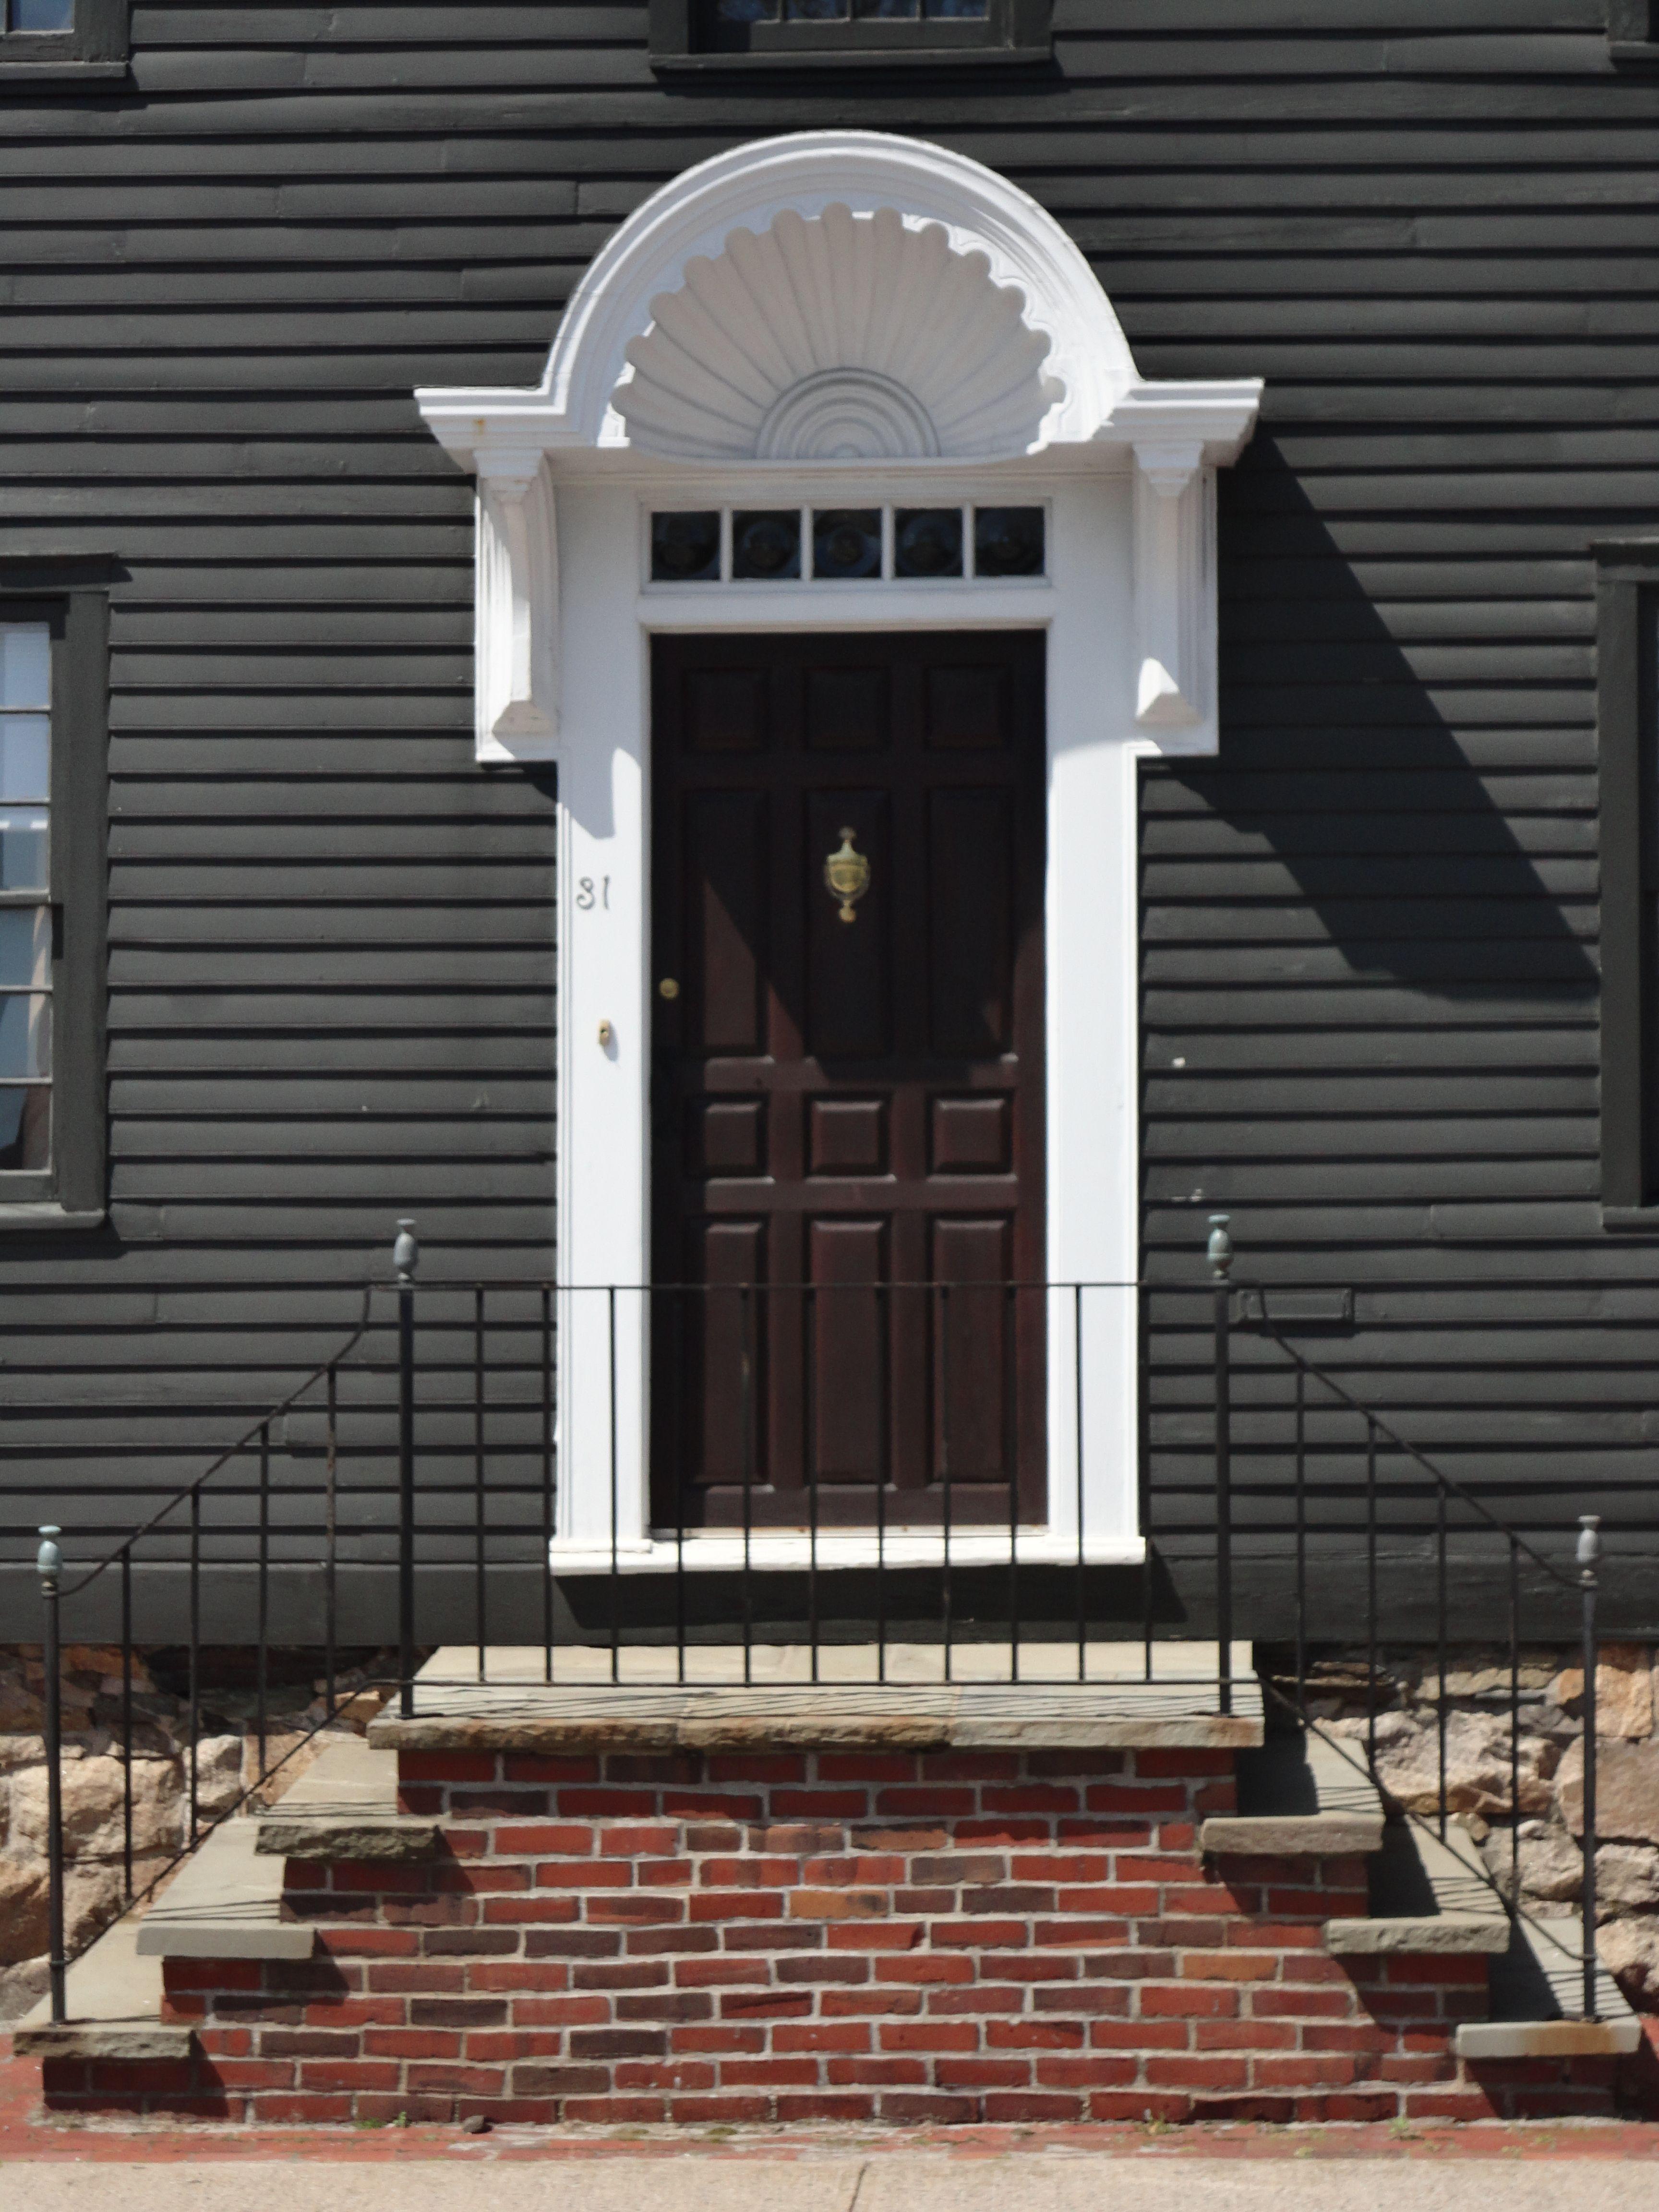 Newport Rhode Island Historic Door Detail Scallop Shell Entry & Newport Rhode Island Historic Door Detail Scallop Shell Entry ...